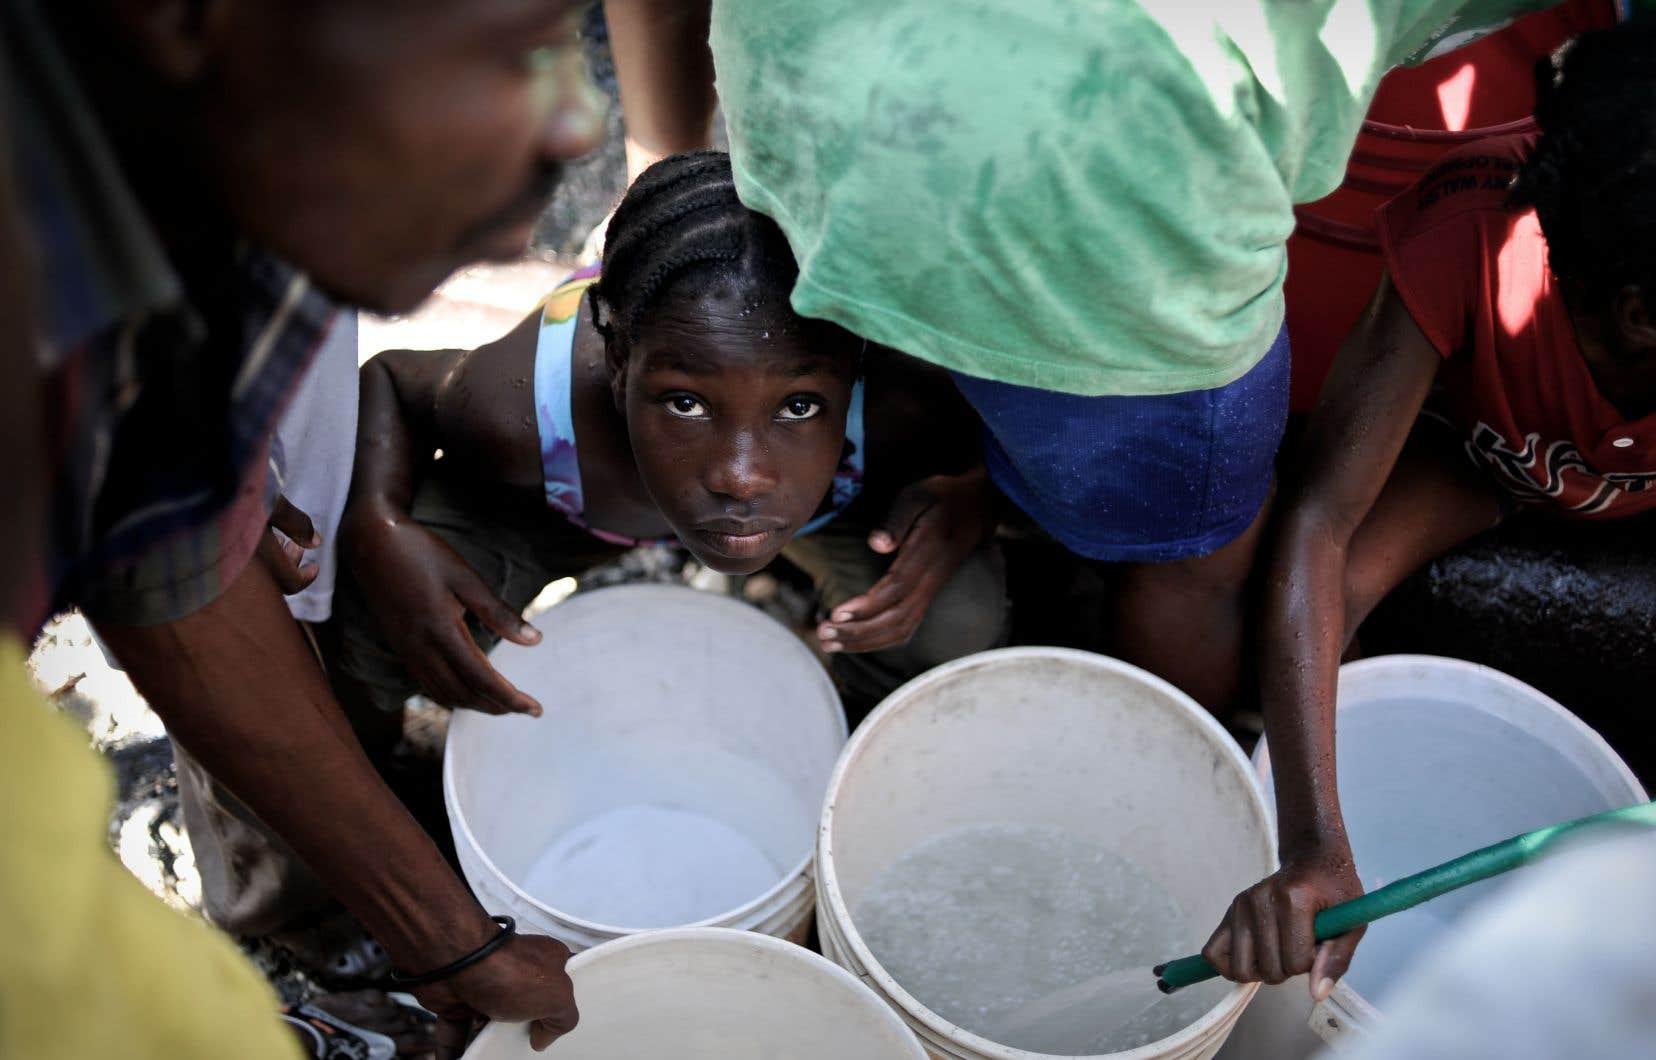 «Depuis nos premiers jours en coopération humanitaire, Serge [qui a perdu la vie durant le le tremblement de terre en Haïti] et moi avions décidé de ne pas baisser les bras devant l'injustice et la misère des enfants», souligne l'auteure.